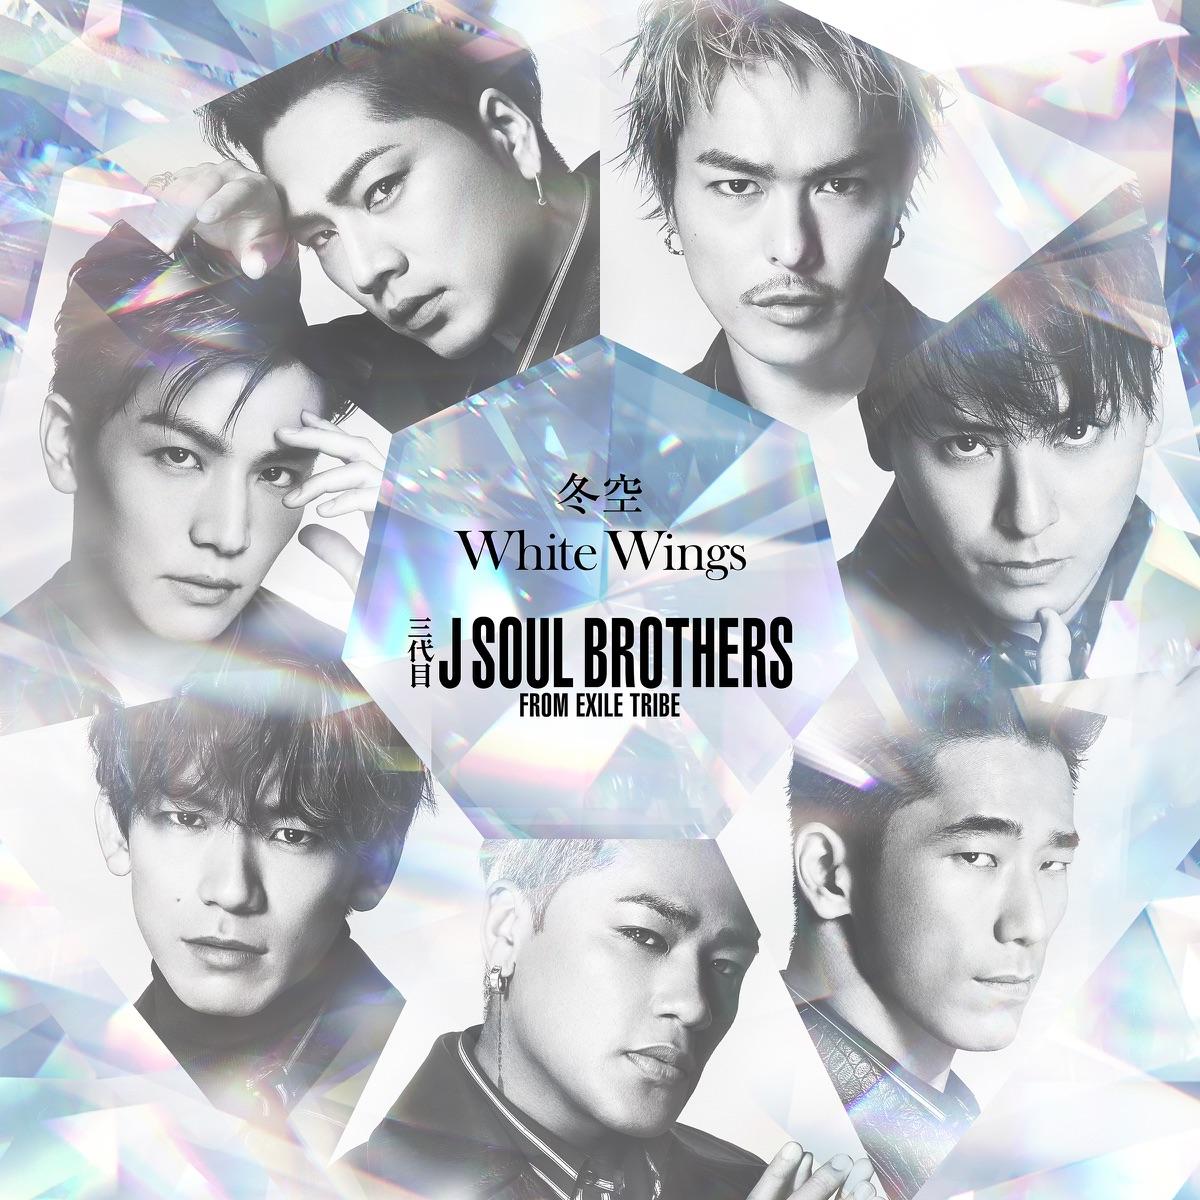 『三代目 J Soul Brothers from EXILE TRIBE - 冬空』収録の『冬空 / White Wings』ジャケット